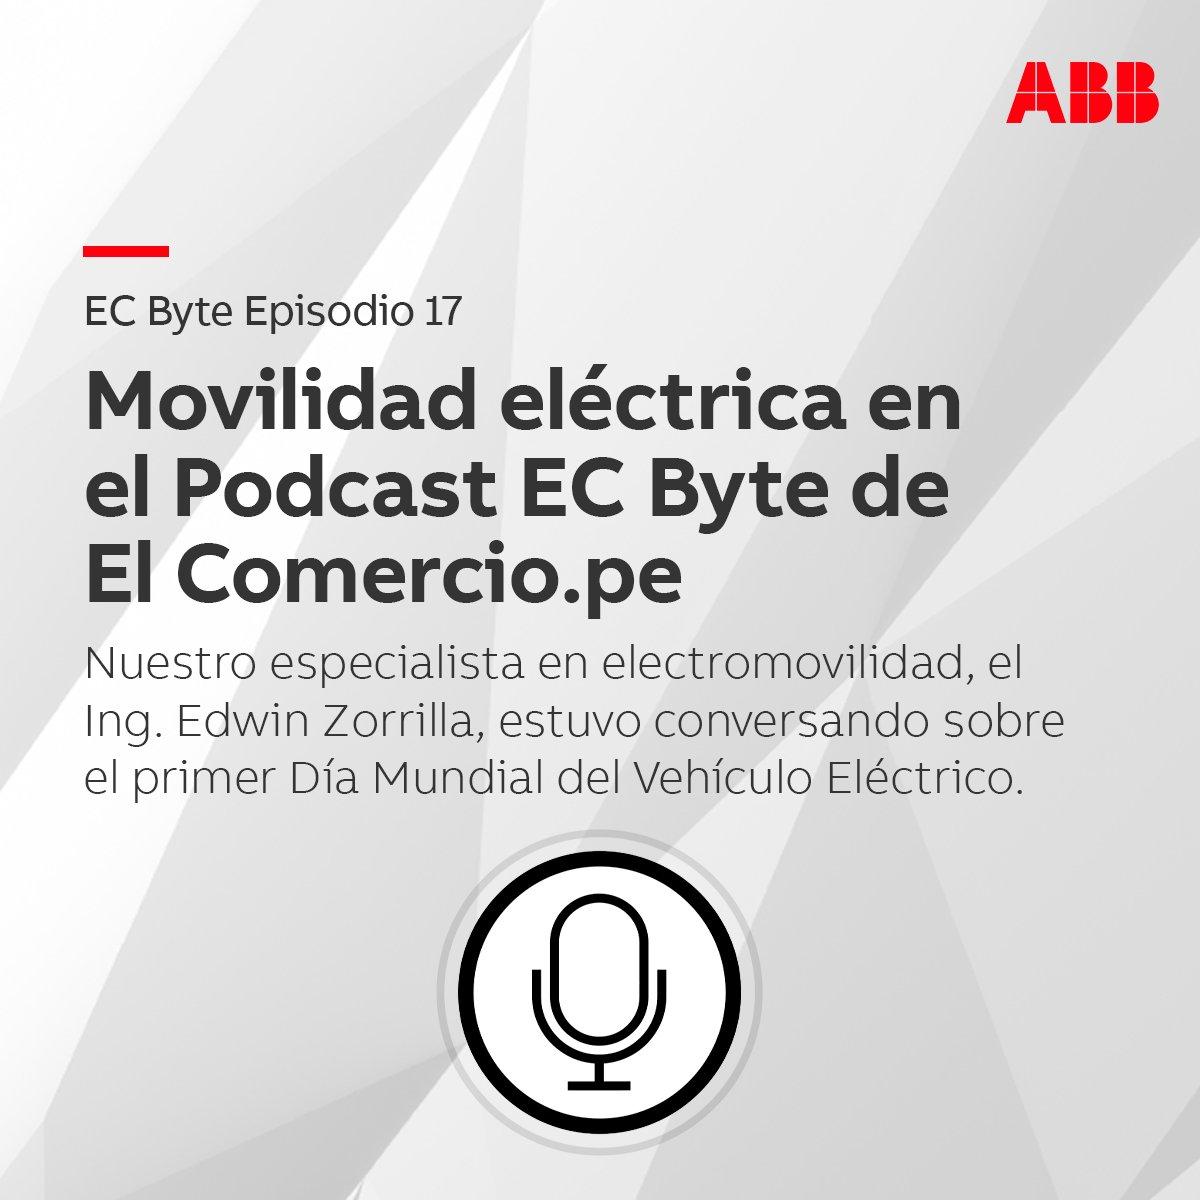 Entérate más sobre movilidad eléctrica en el Podcast EC BYTE de El Comercio El Ing. Edwin Zorrilla, Sales Manager en #Electrification de #ABB en Perú, habló sobre el Día del Auto Eléctrico. Entérate más aquí: https://t.co/TB5XE1BkSj #Energía #EV #Autos #Tecnología #Eléctrica https://t.co/ydndCuCq1s